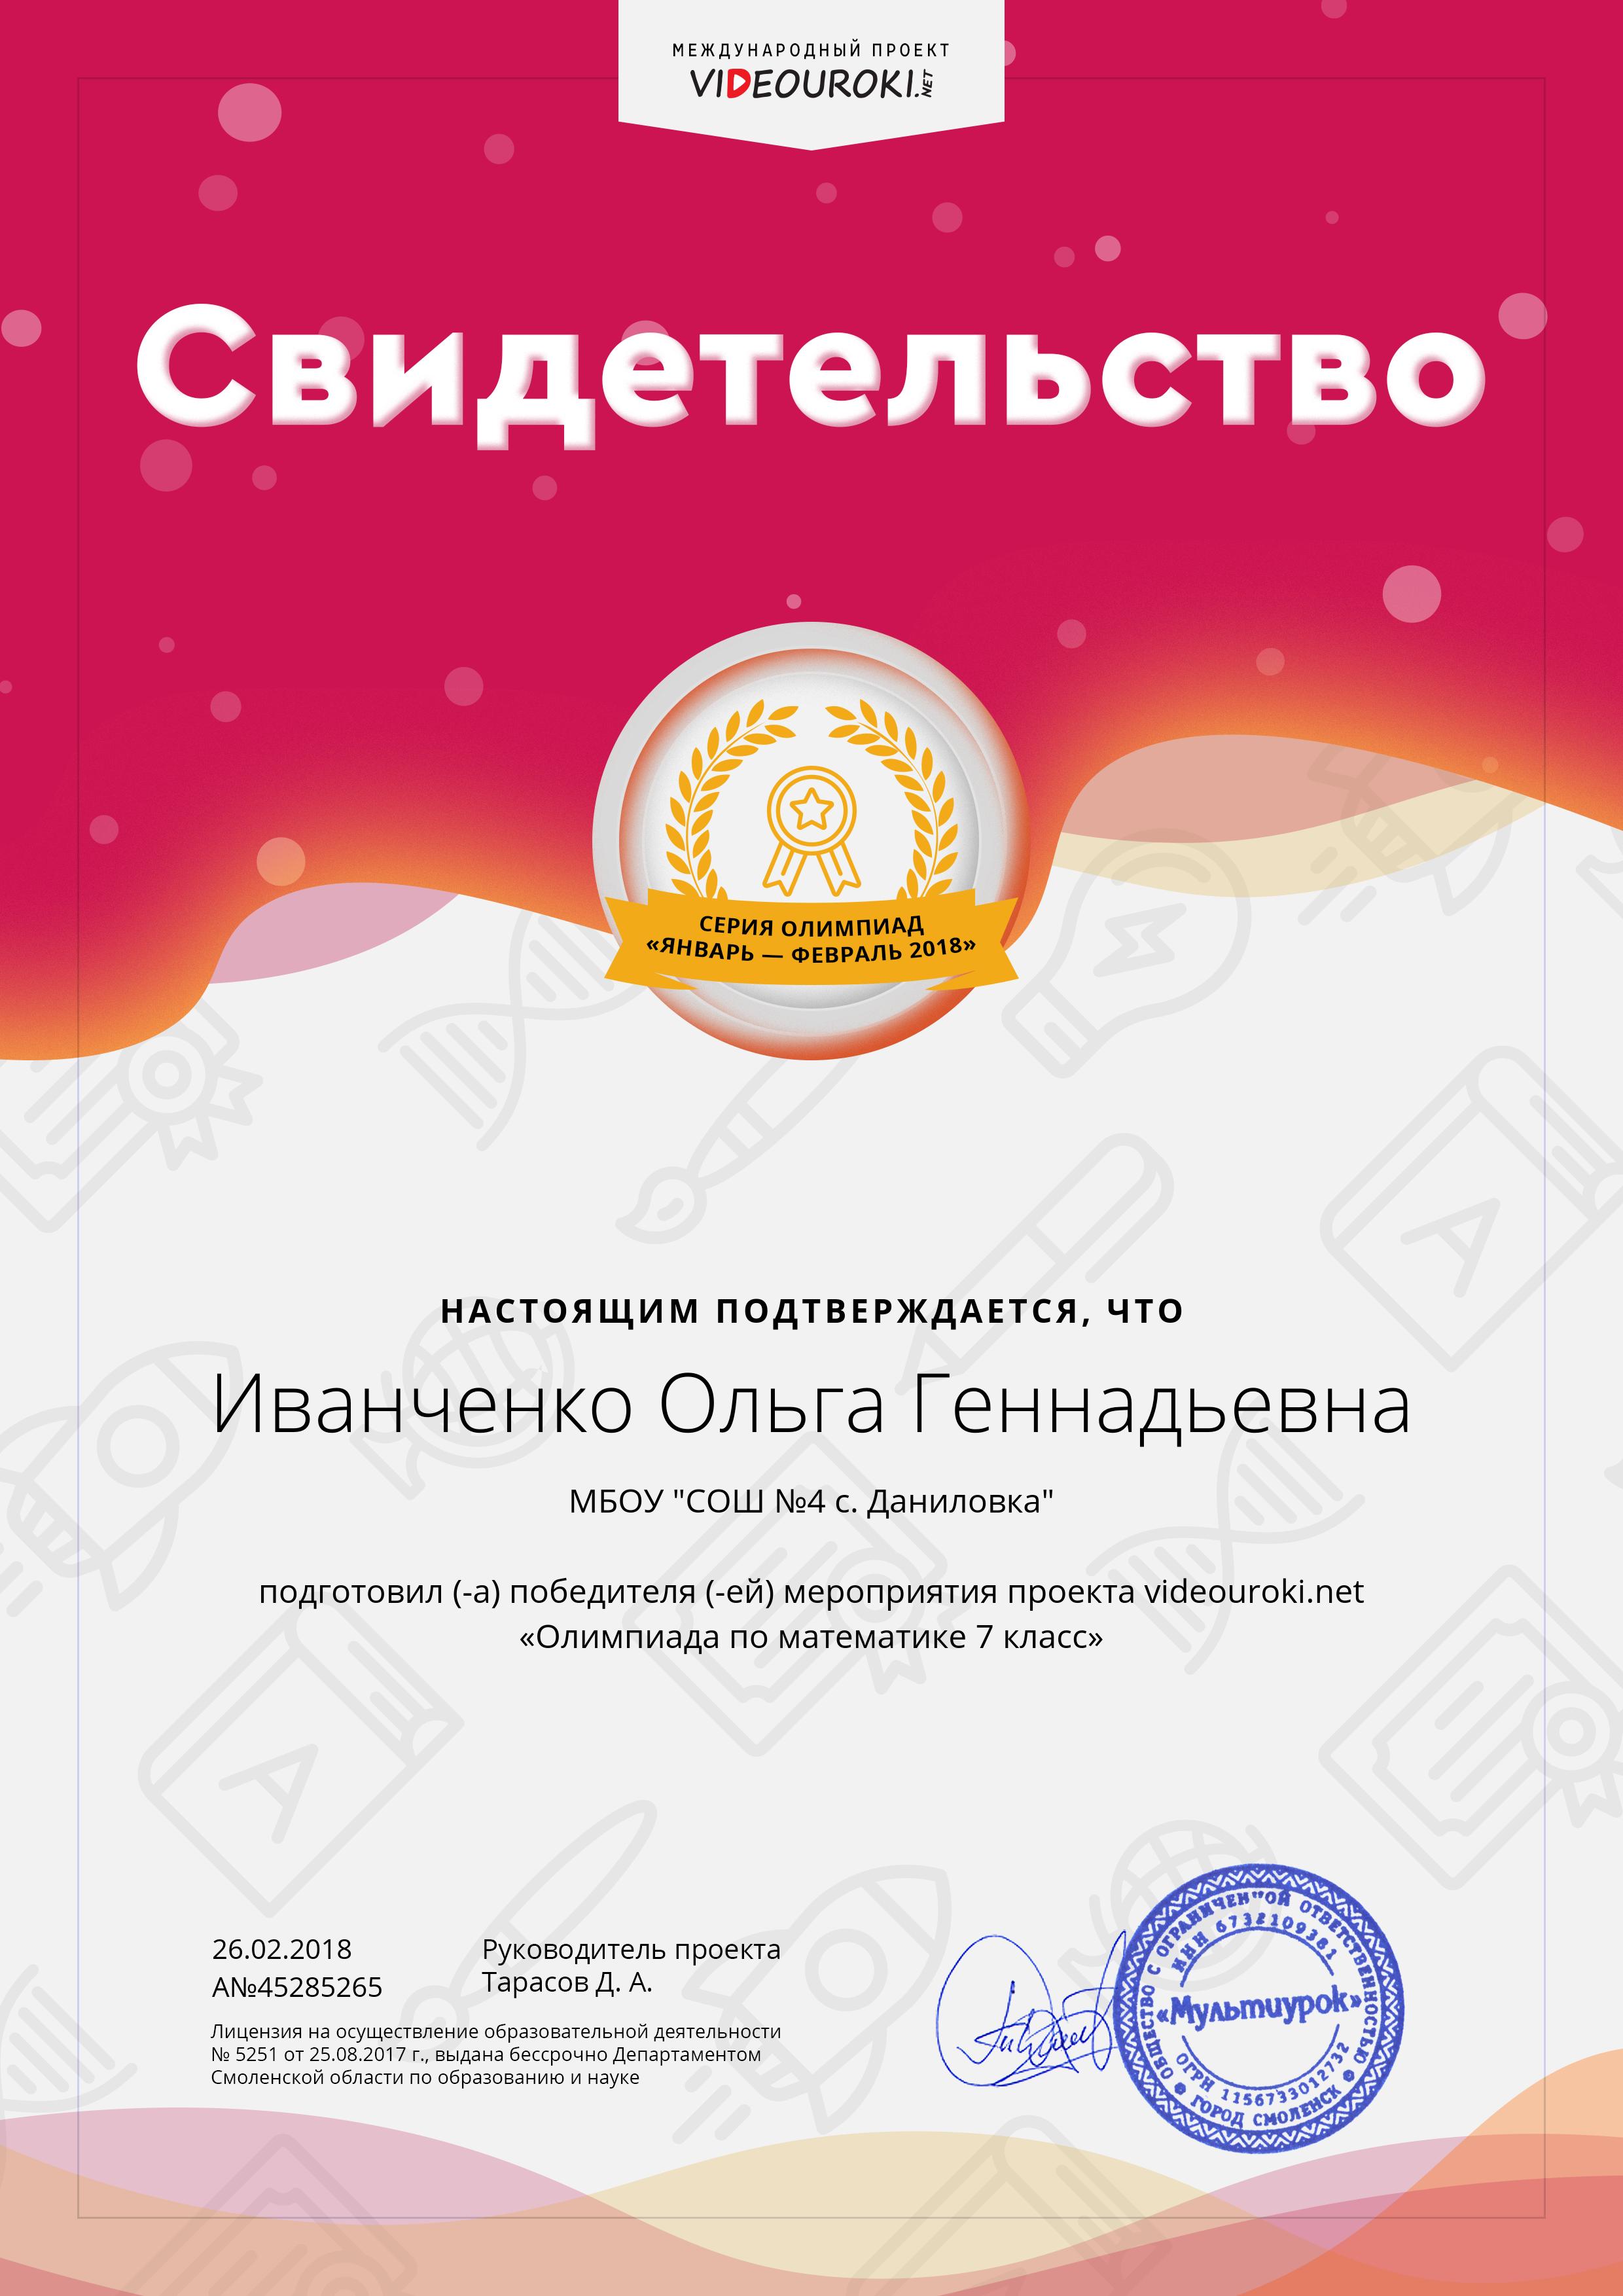 45285265. Свидетельство о подготовке победителя международной олимпиады проекта videouroki.net